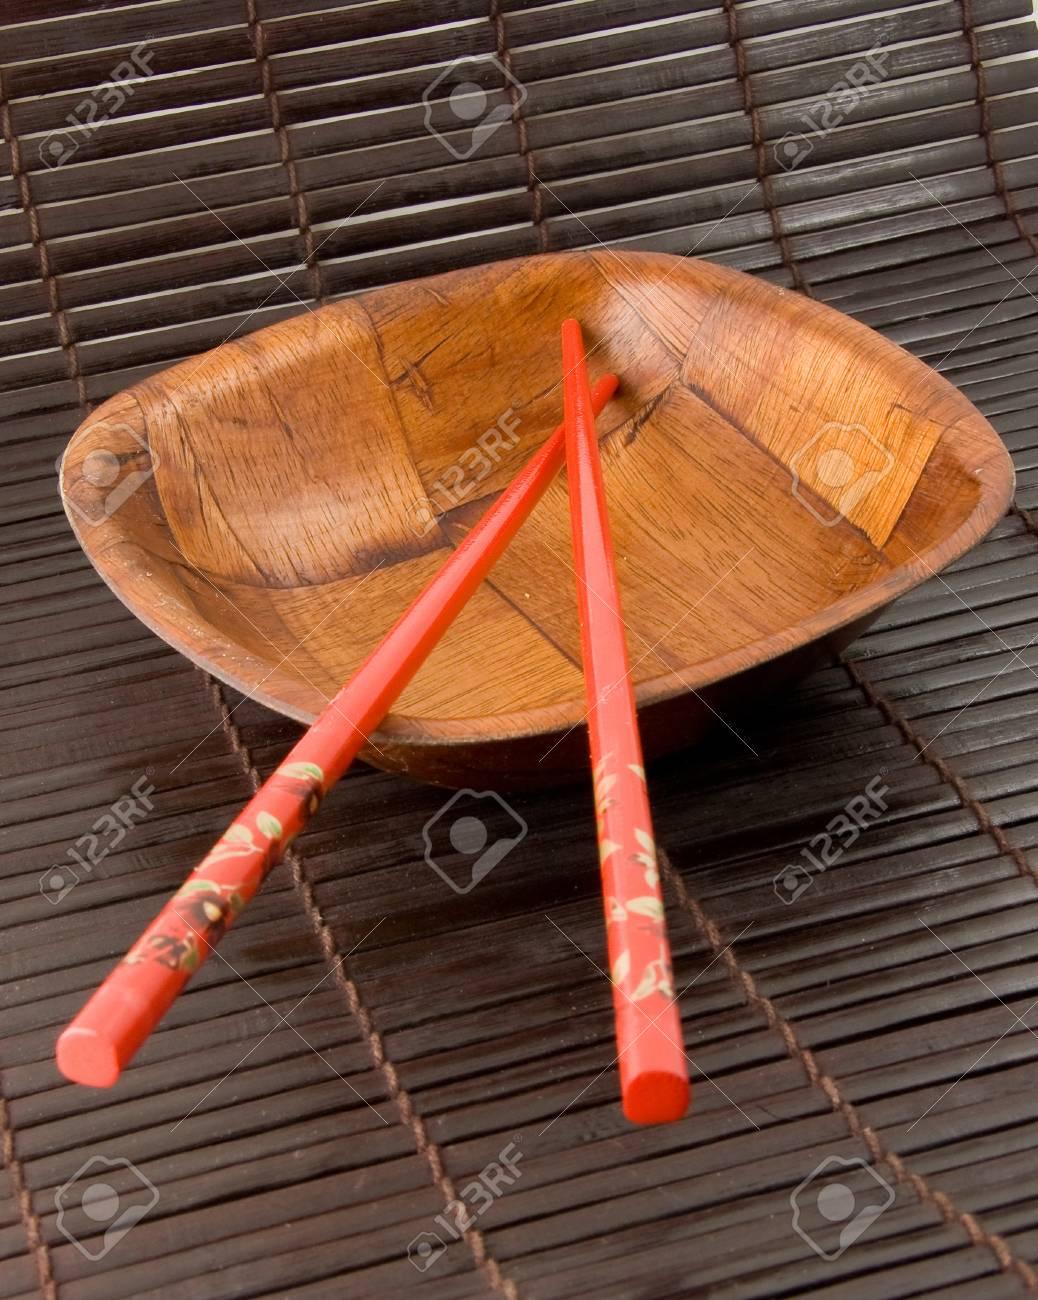 Stabchen Und Bambus Cup Auf Bambus Tischlaufer Hintergrund